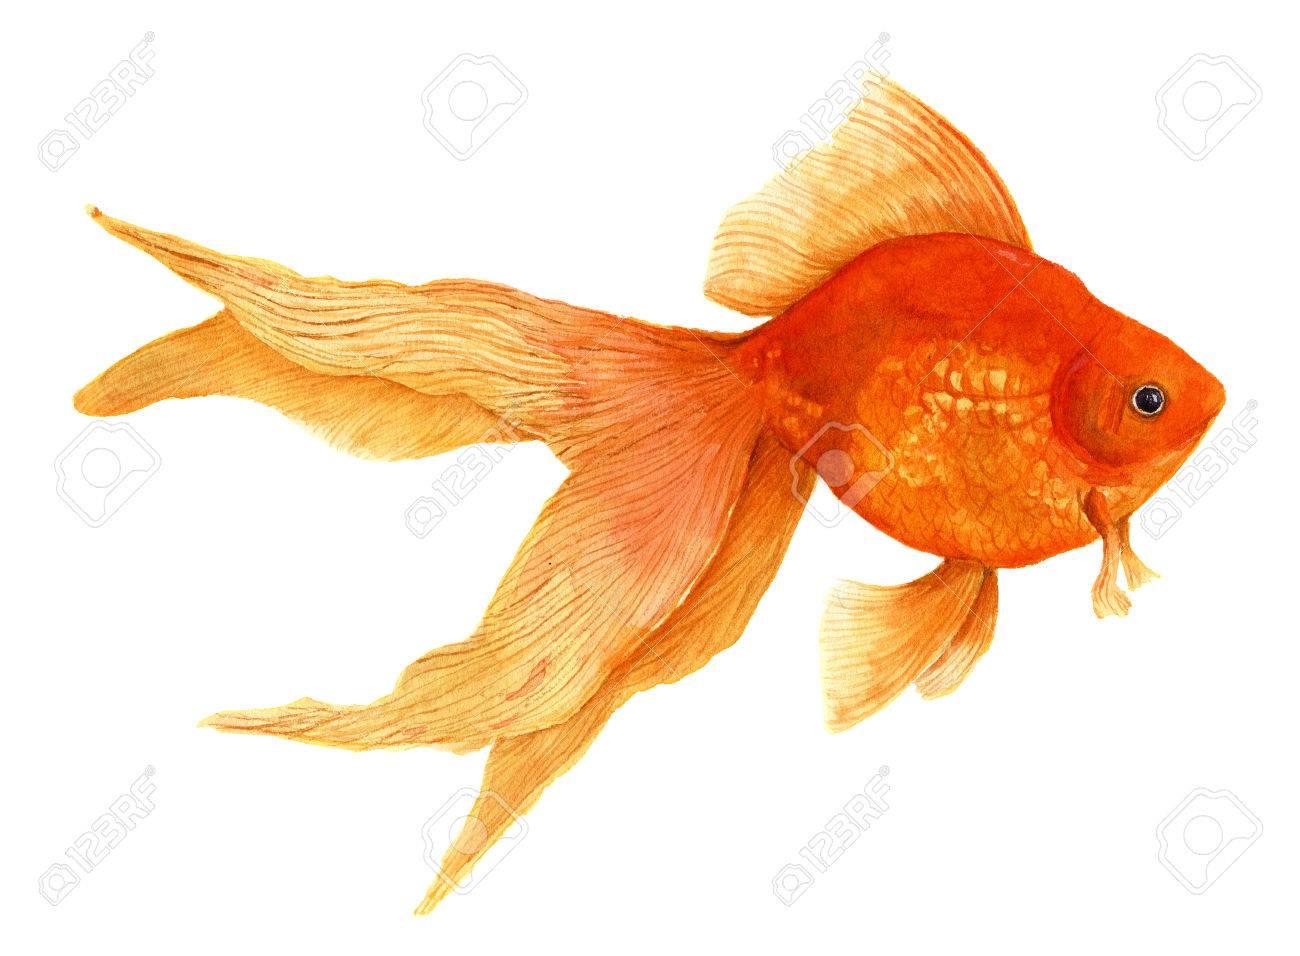 Pez De Colores. Ejemplo De La Acuarela Realista Artística. Pescado ...